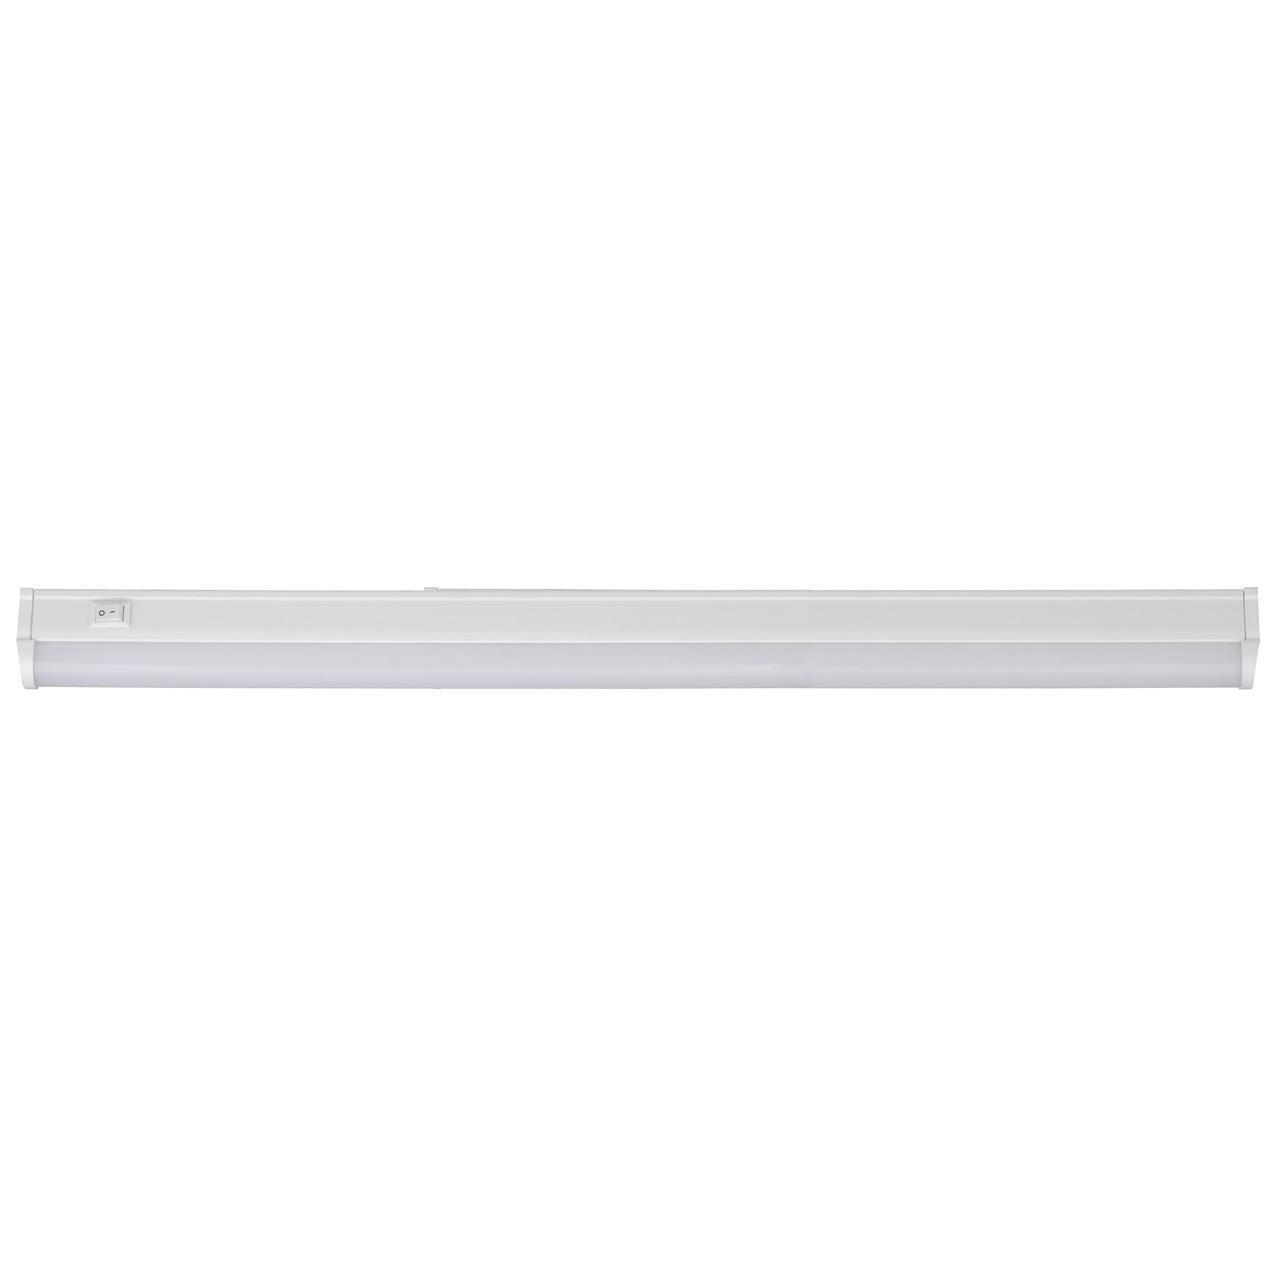 Настенно-потолочный светильник Эра LLED-01-08W-4000-W, LED, 8 Вт стоимость